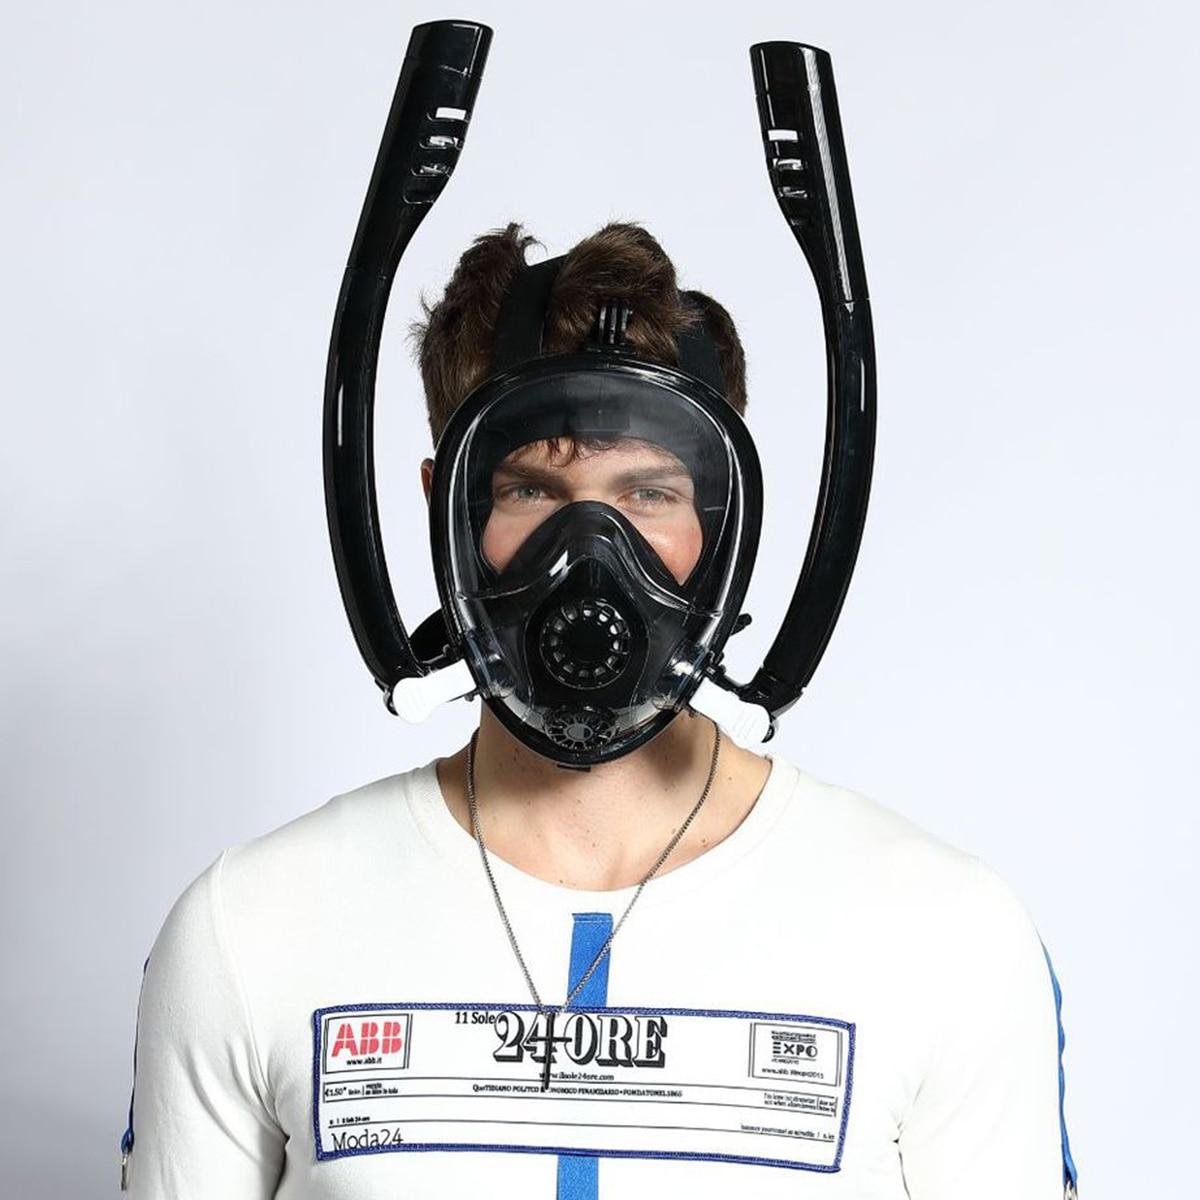 2019 новый дизайн, двойная дыхательная трубка, маска для плавания, полное лицо, трубка, маска, анти туман, анти утечка, для GoPro, взрослых, детей, маска для дайвинга